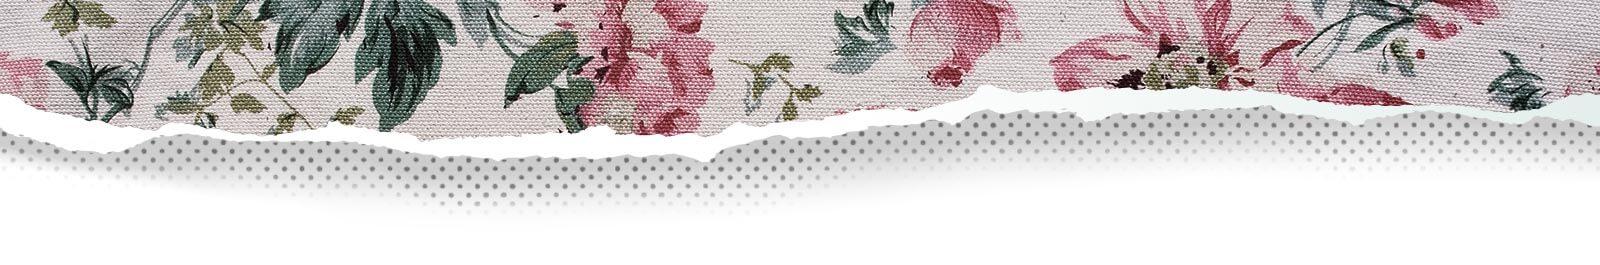 Top's Wallpaper